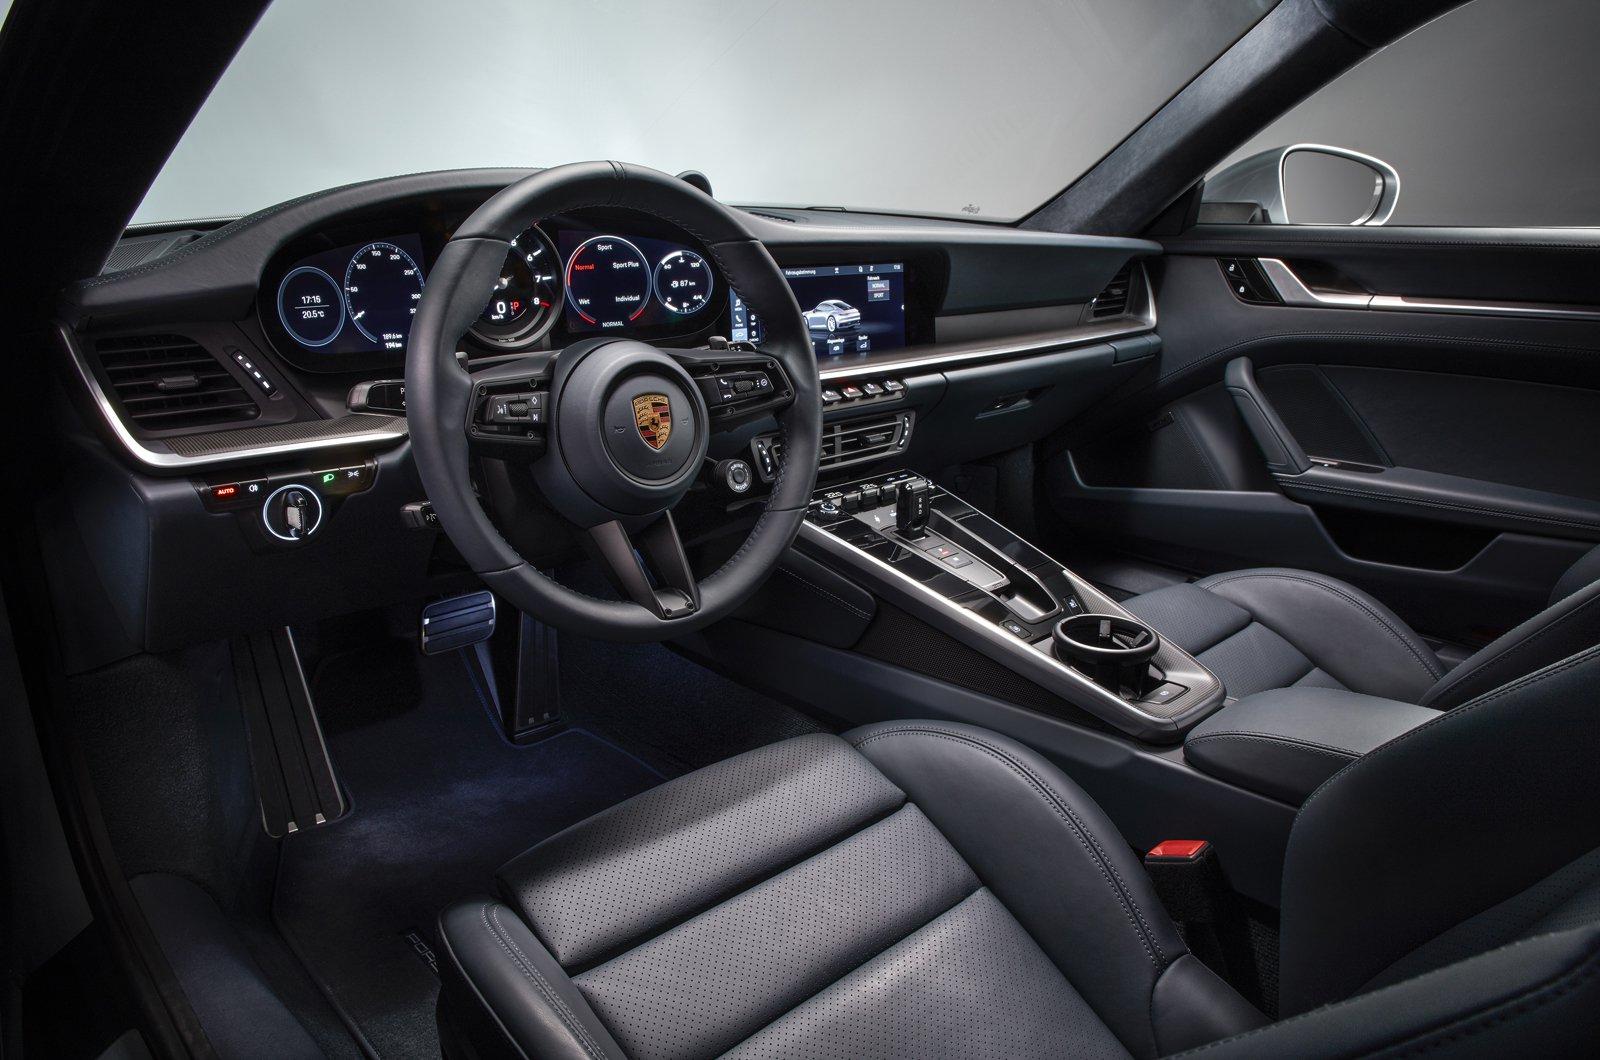 2019 Porsche 911 (992) interior